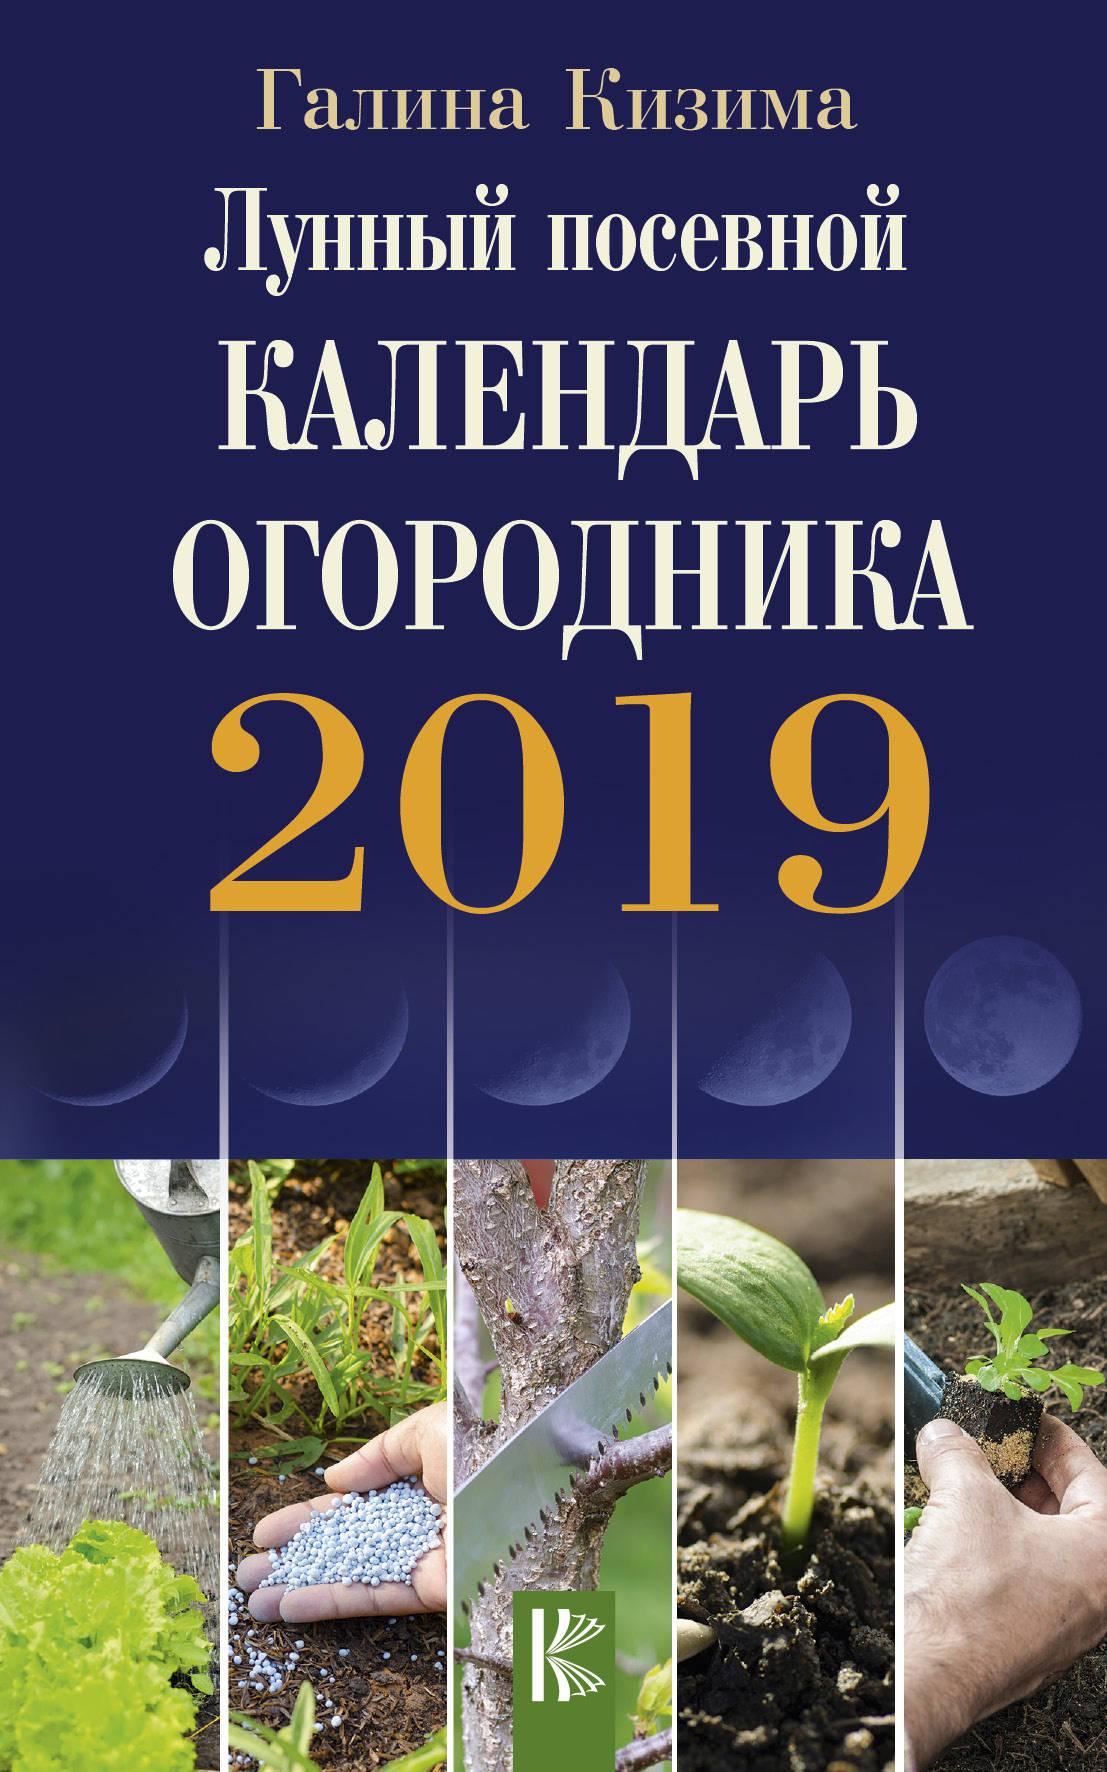 Галина Кизима Лунный посевной календарь огородника на 2019 год цена 2017